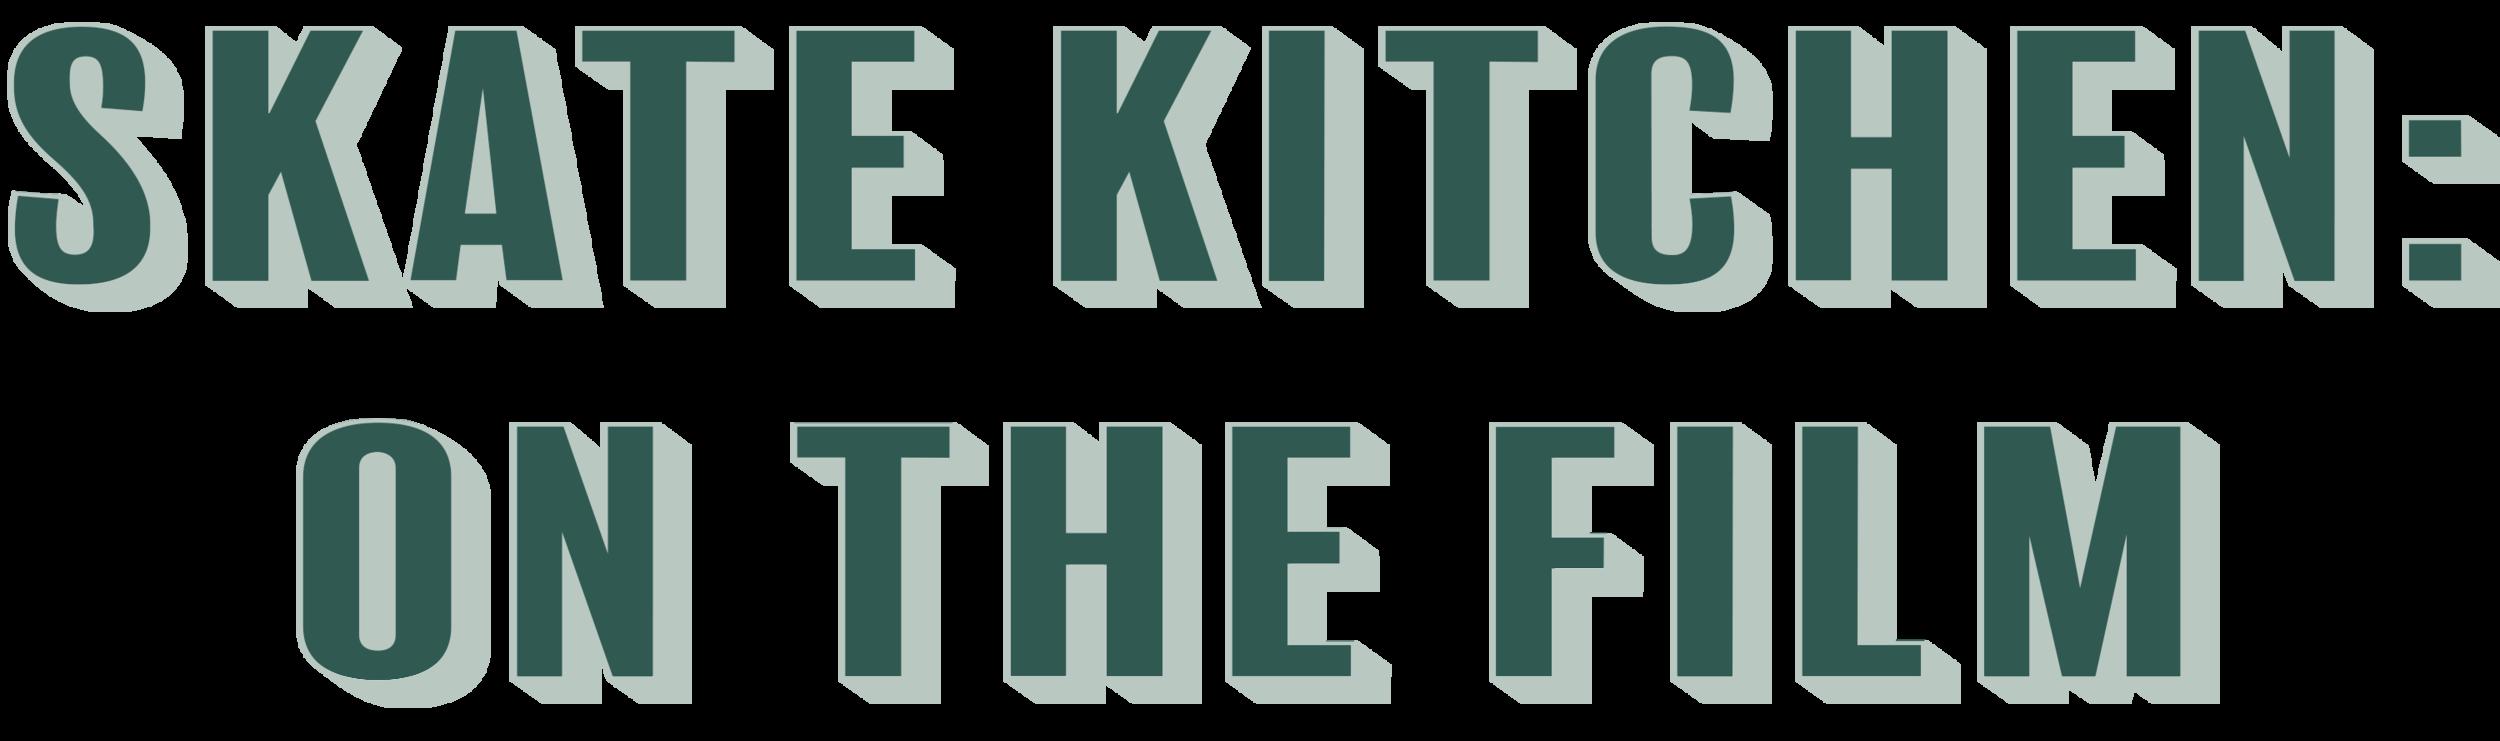 skte kitchen.png